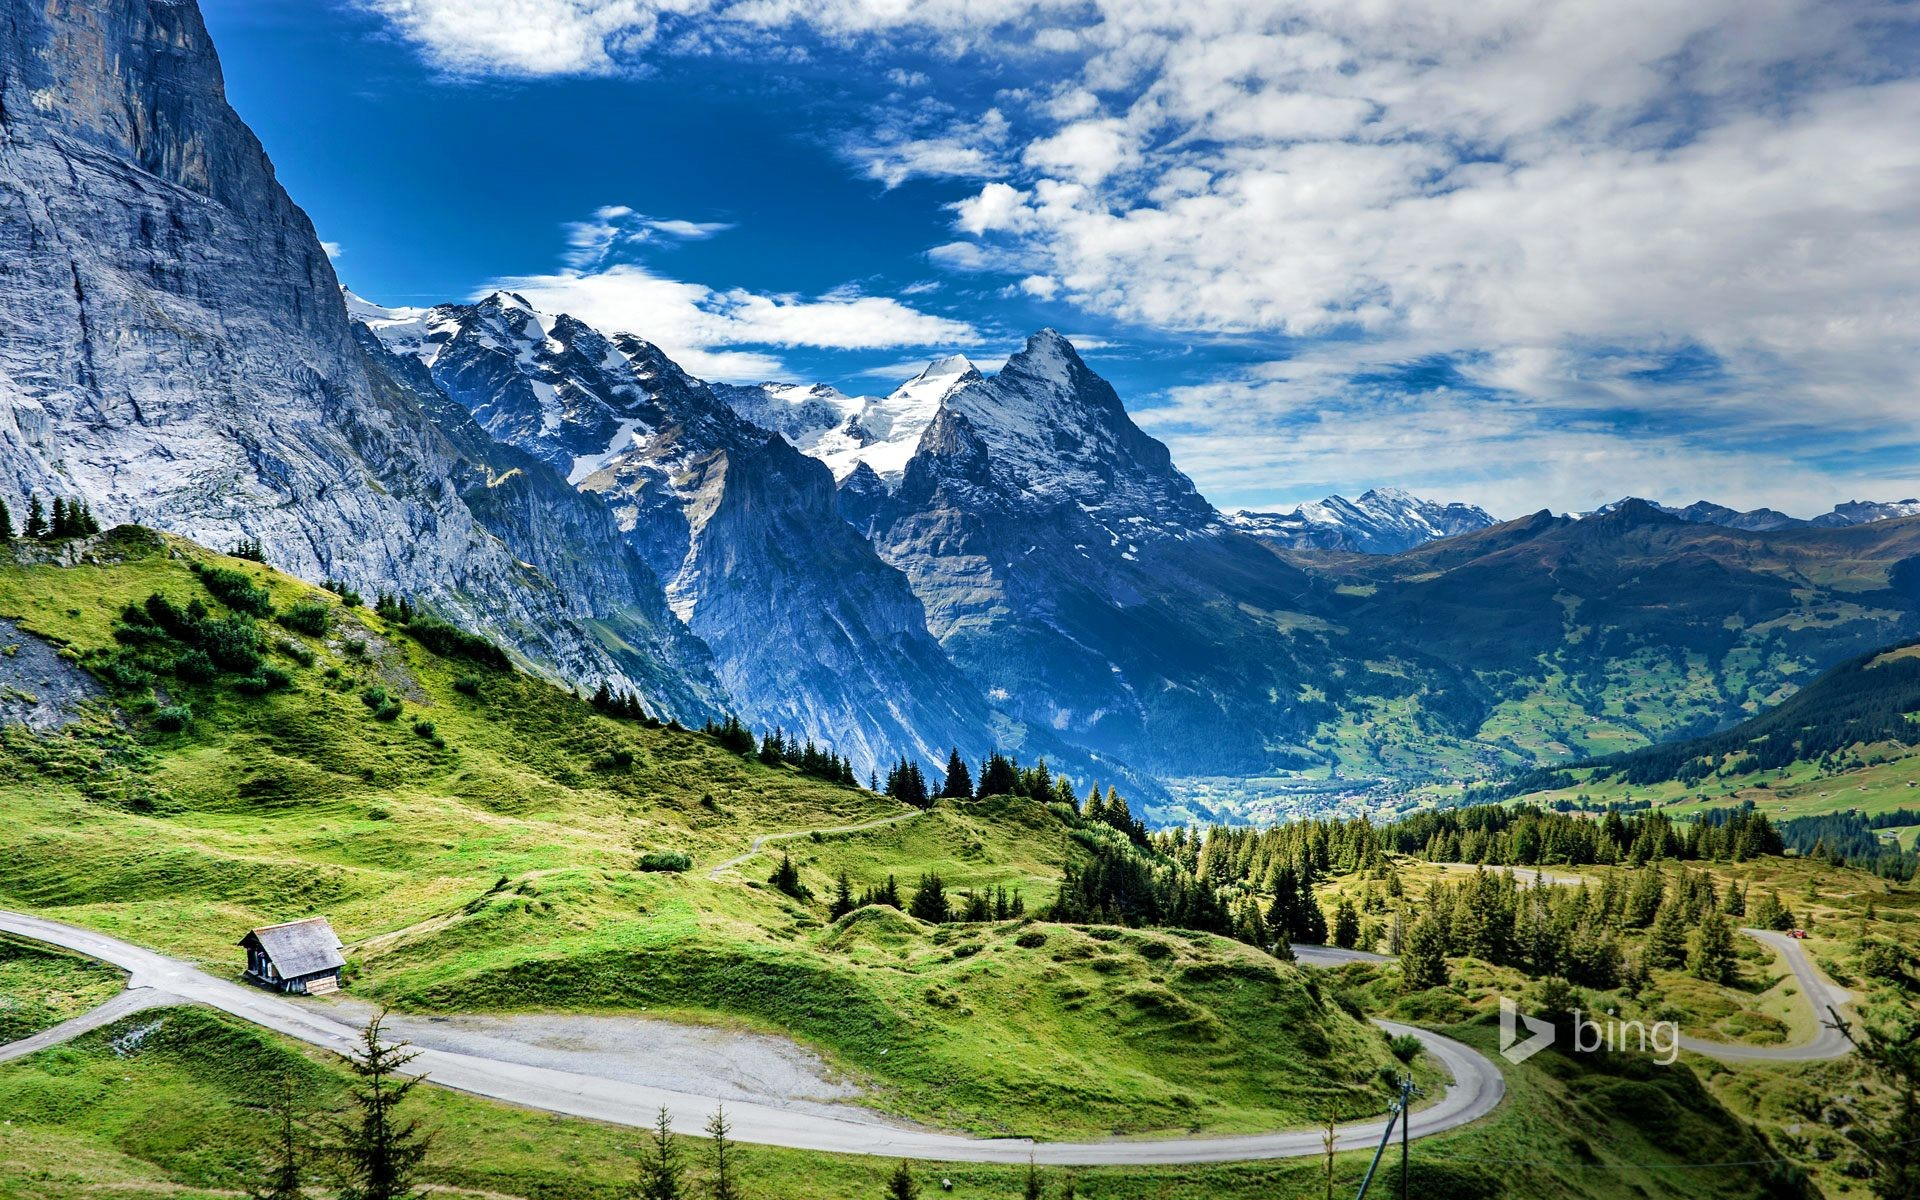 … grosse scheidegg scenery wallpaper hd download desktop …